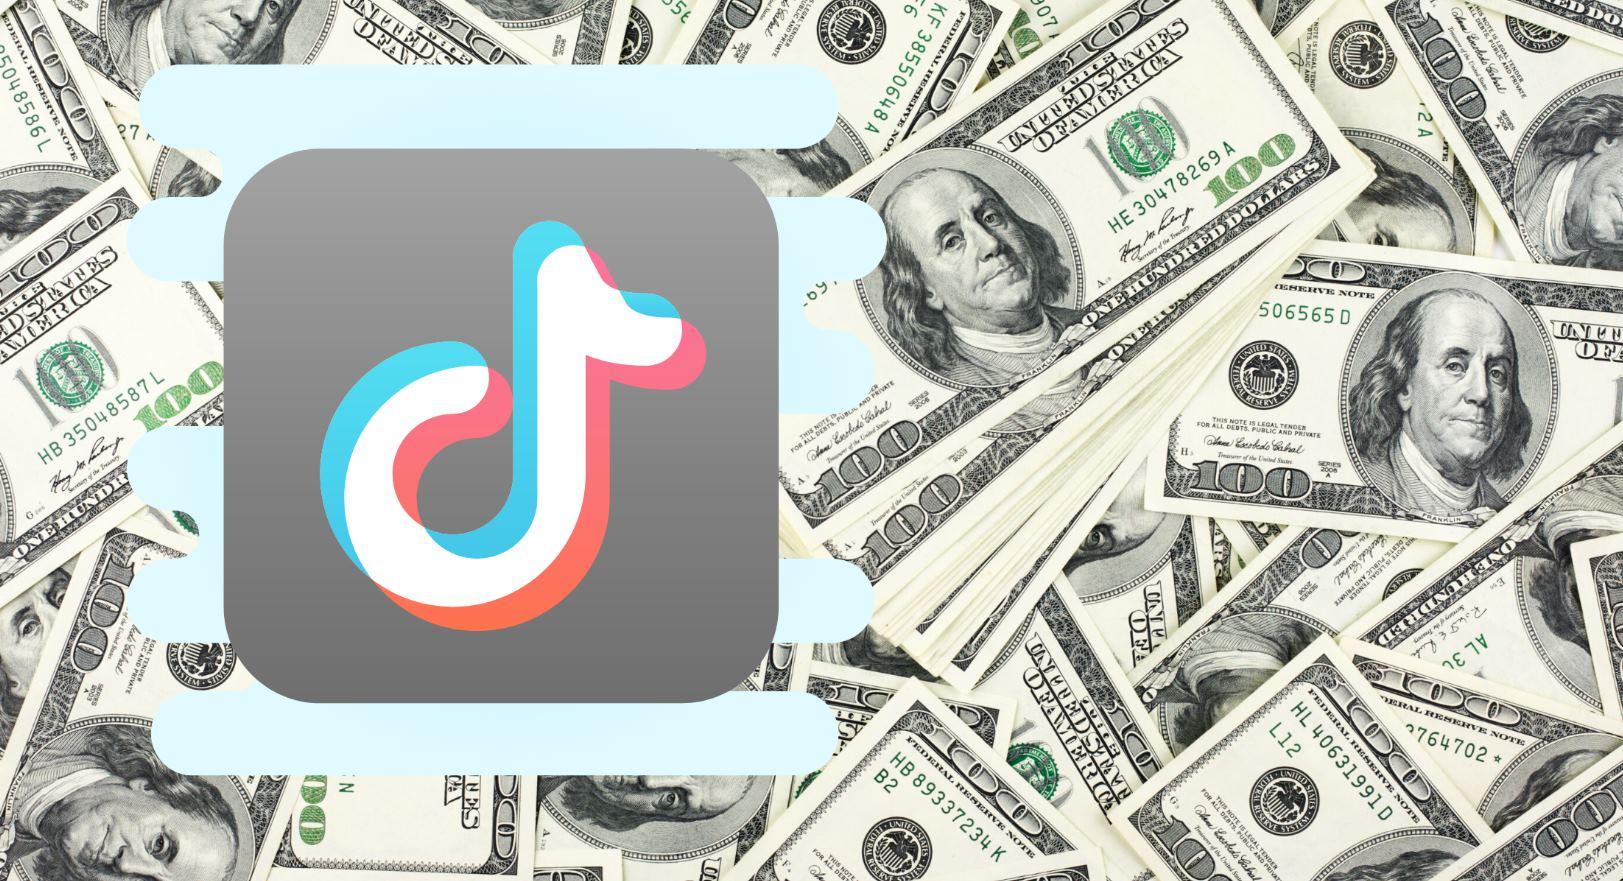 TikTok pagará 200 millones de dólares a creadores de vídeos